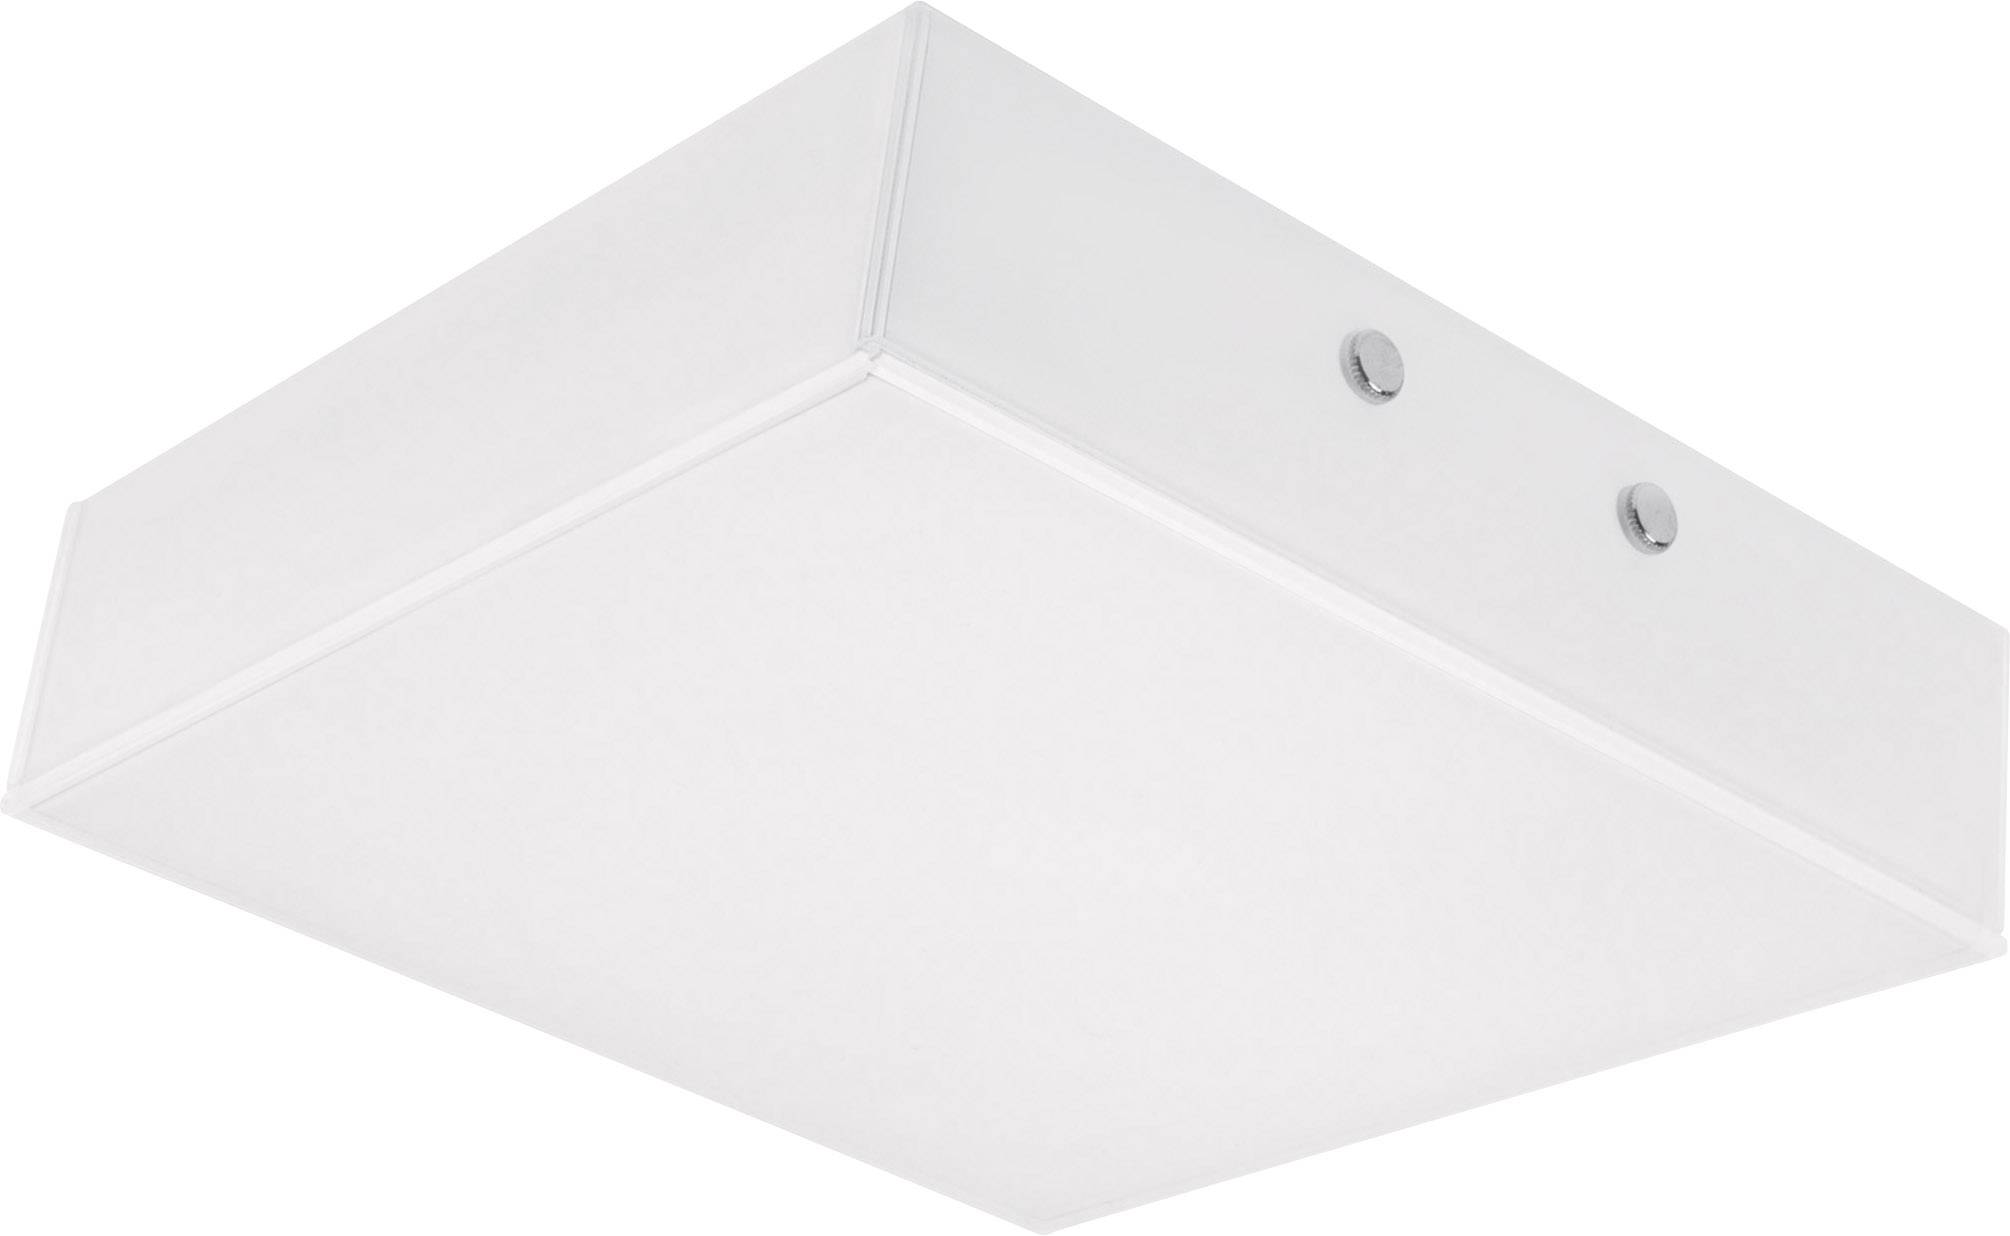 Plafoniere Led Osram : Osram lunive™ quadro plafoniera led w bianco